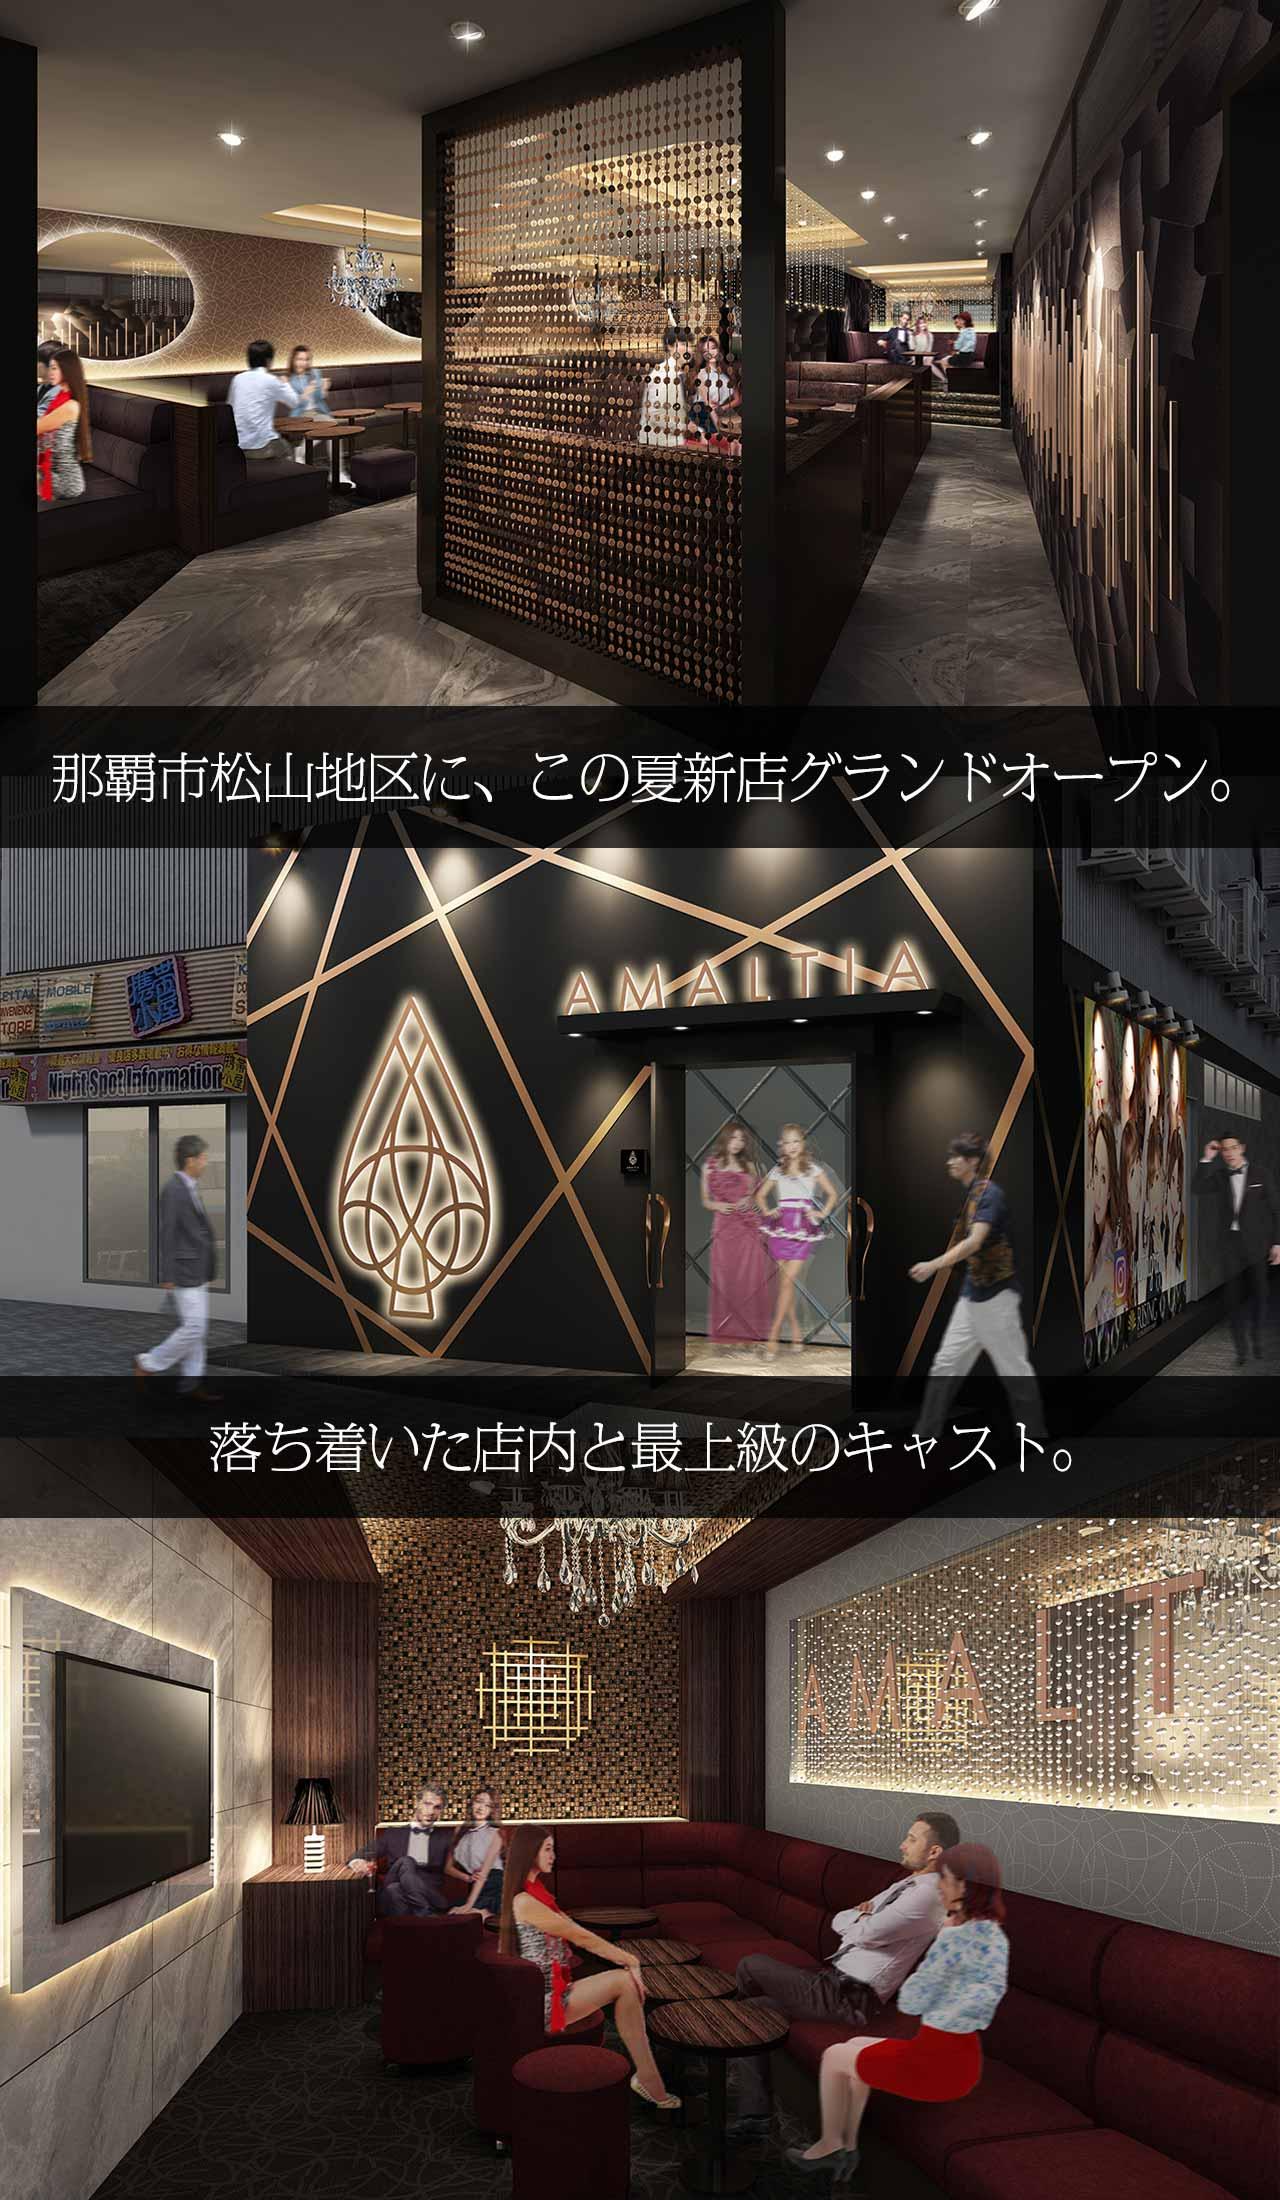 沖縄県那覇市にキャバクラ新店オープン!松山に新たに飲み屋が誕生。その名はAMALTIA(アマルティア)。